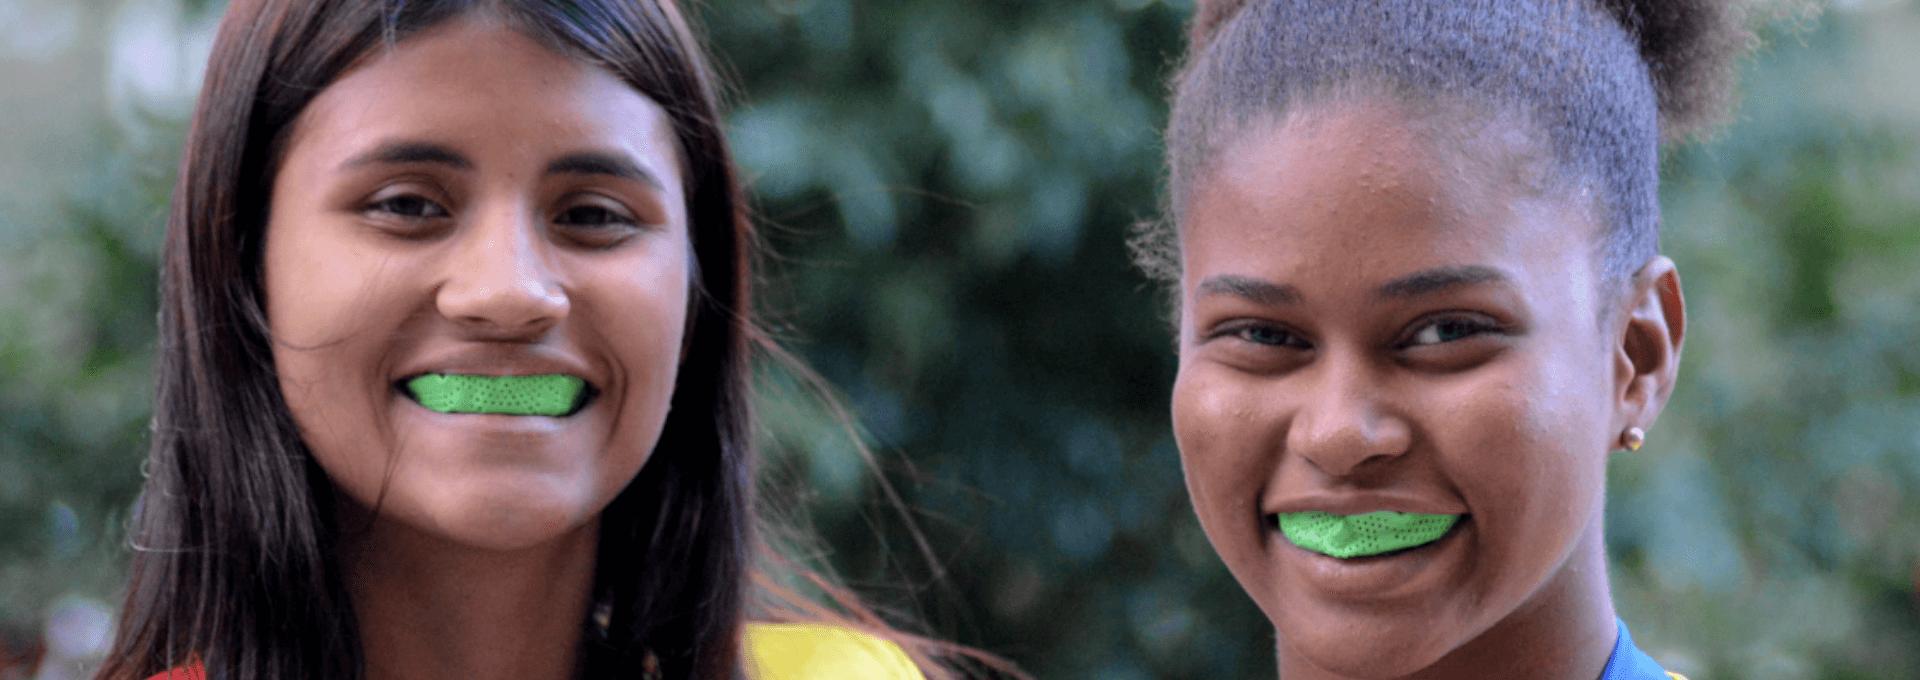 Deportistas de Rugby Femenino con nuestros protectores bucales